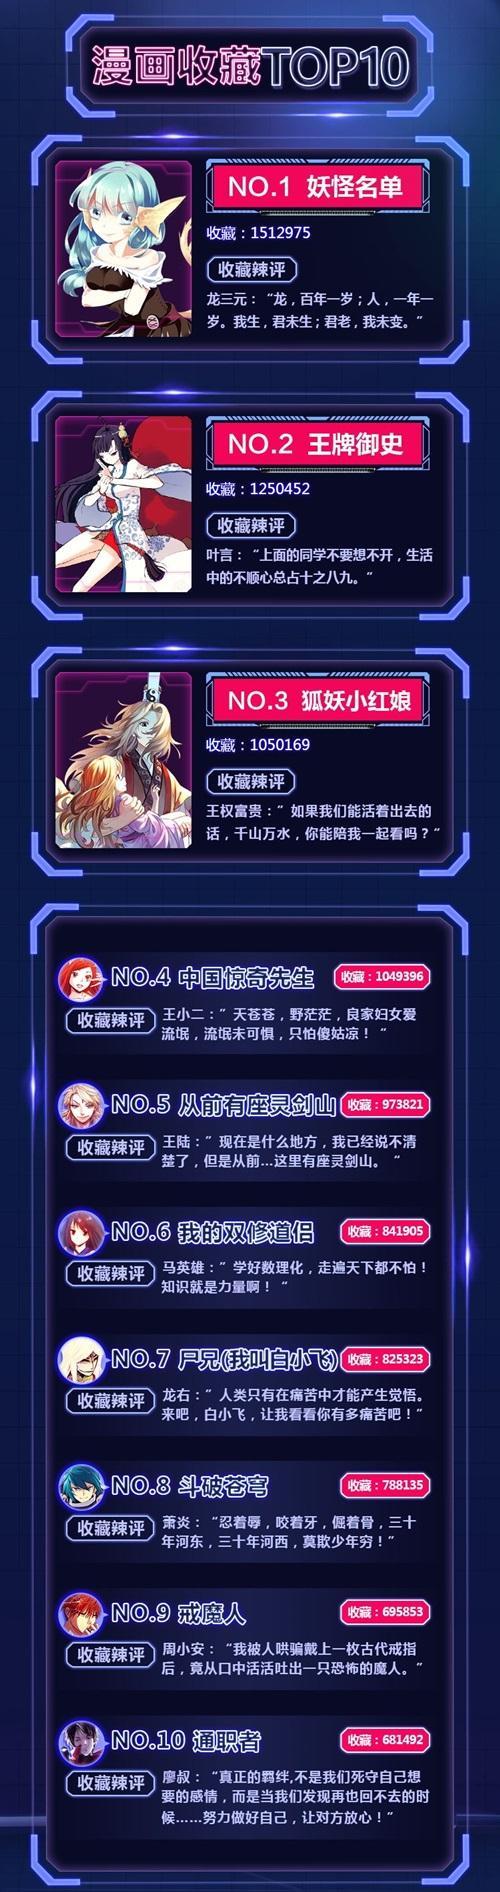 一榜封神!腾讯动漫年中漫画排行榜出炉!